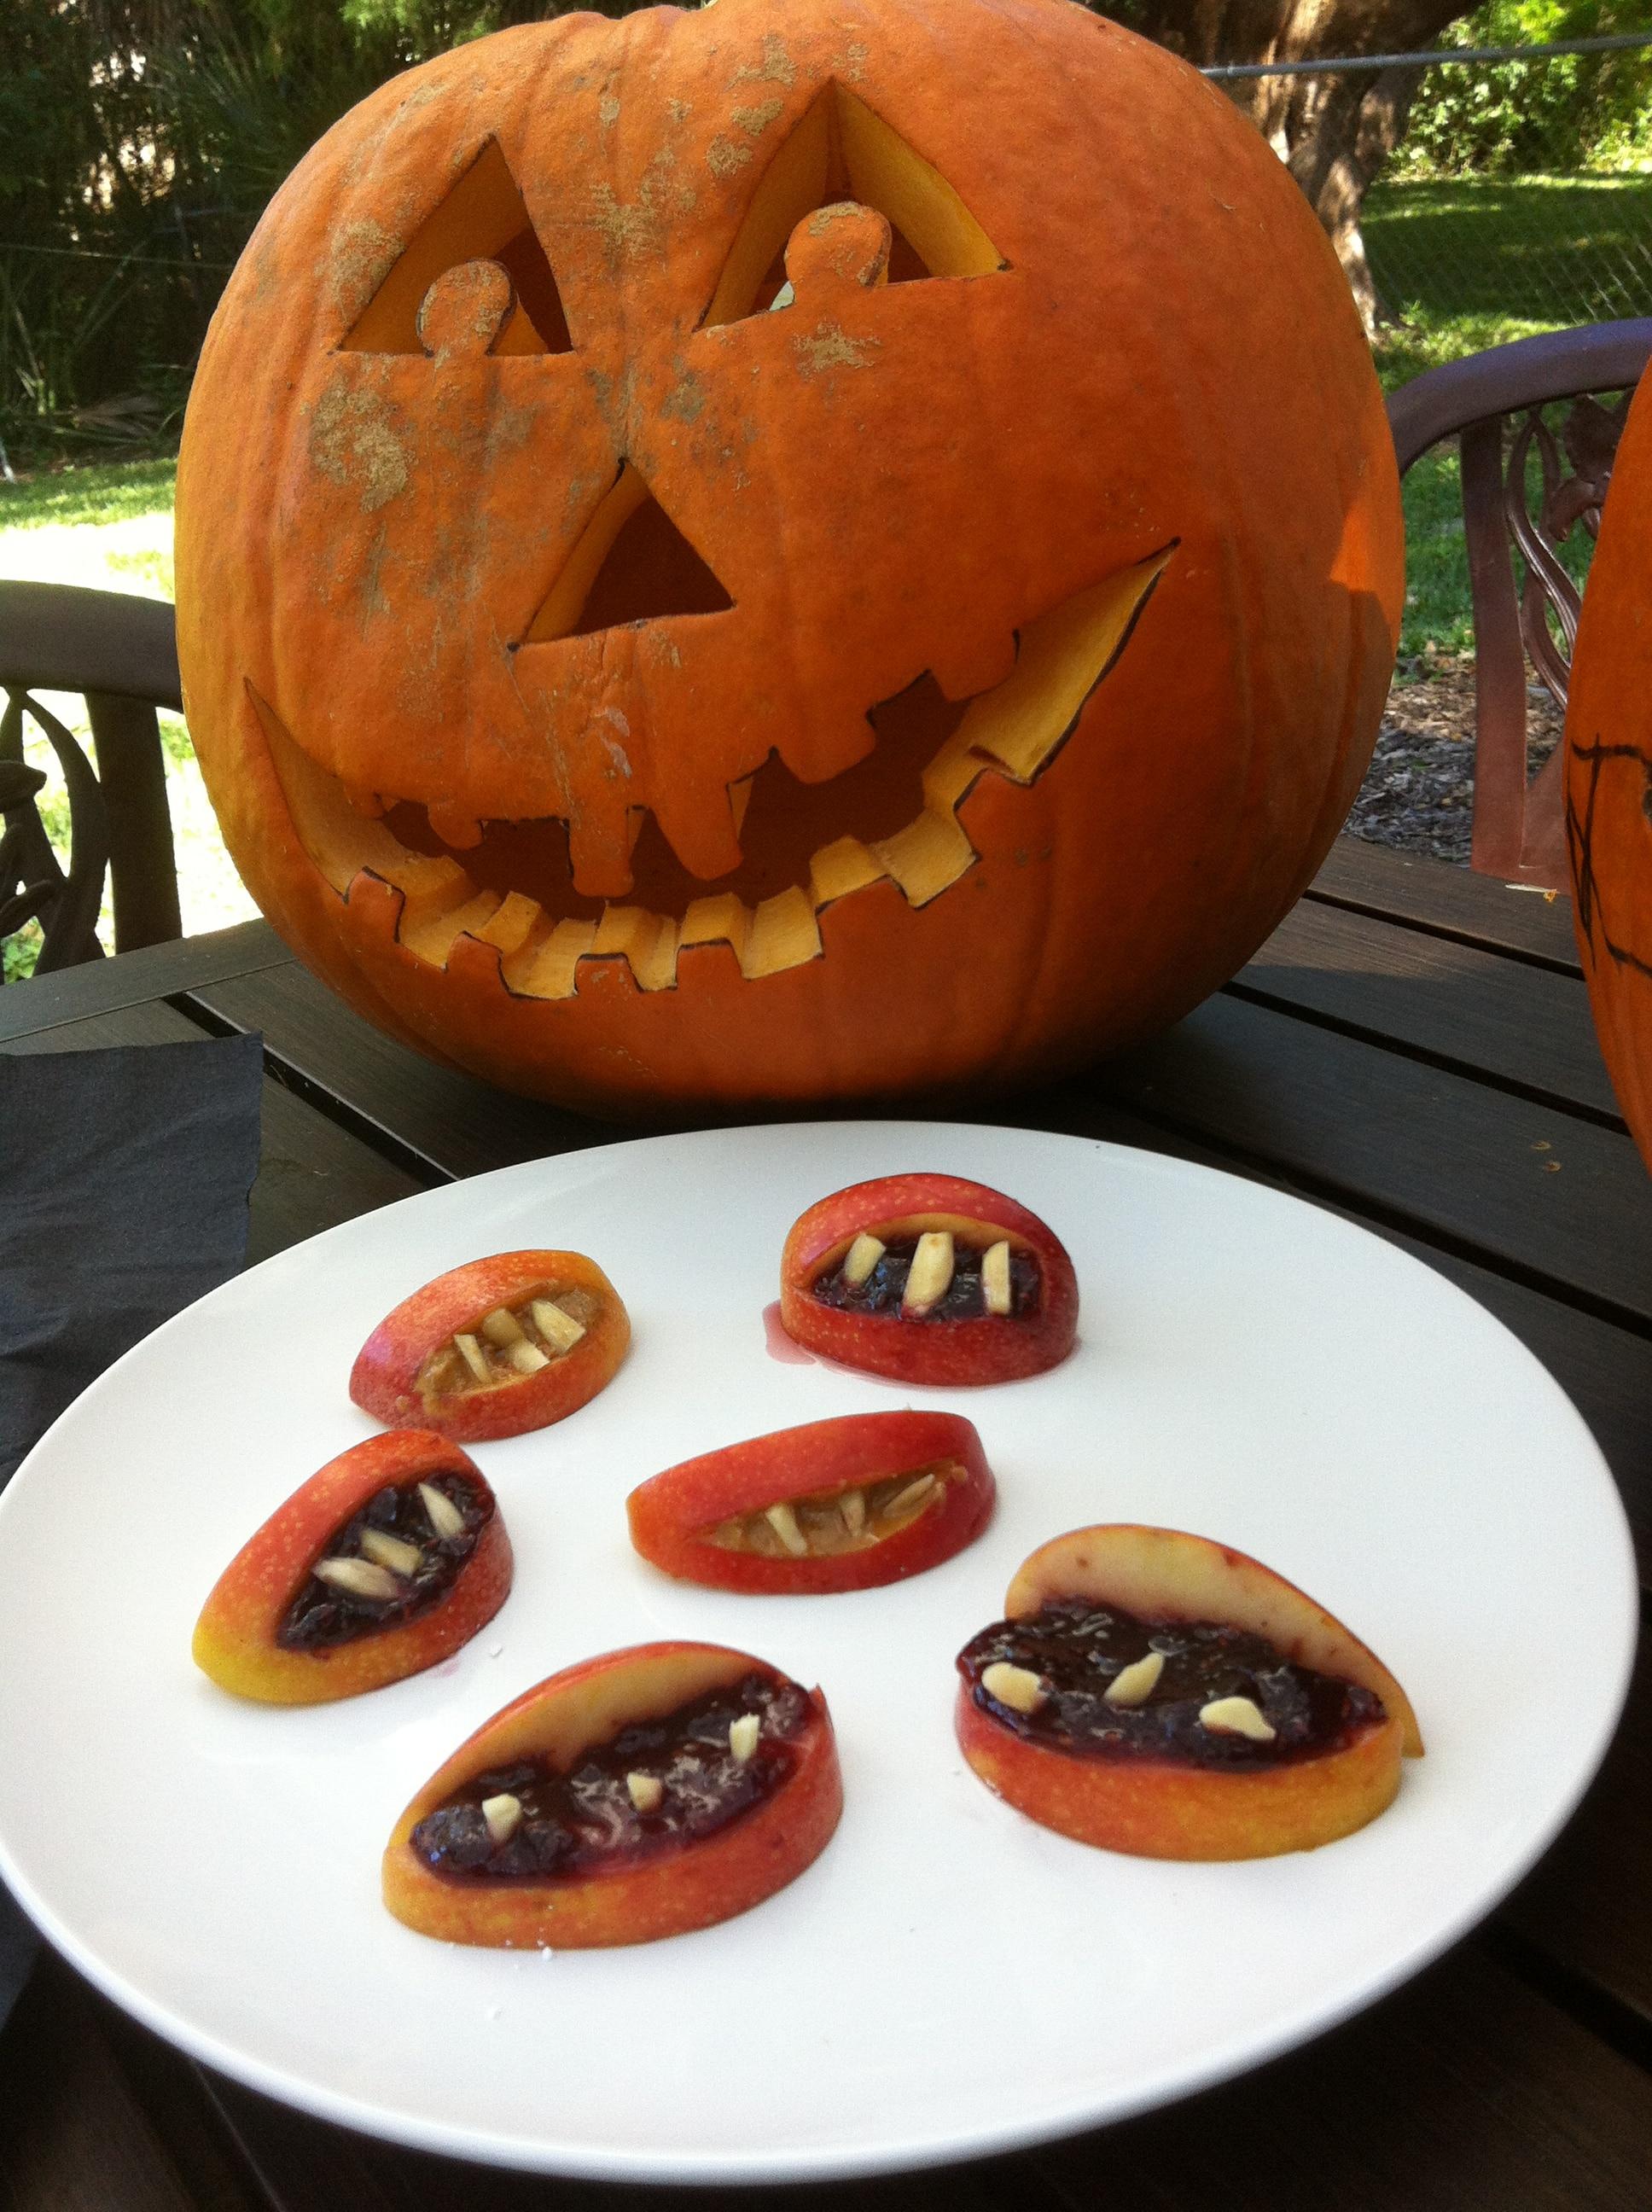 cómo hacer bocas de drácula con manzanas, manzanas para hacer bocas de drácula, snack vegano con manzanas, snack vegano para halloween, cómo hacer bocas de drácula